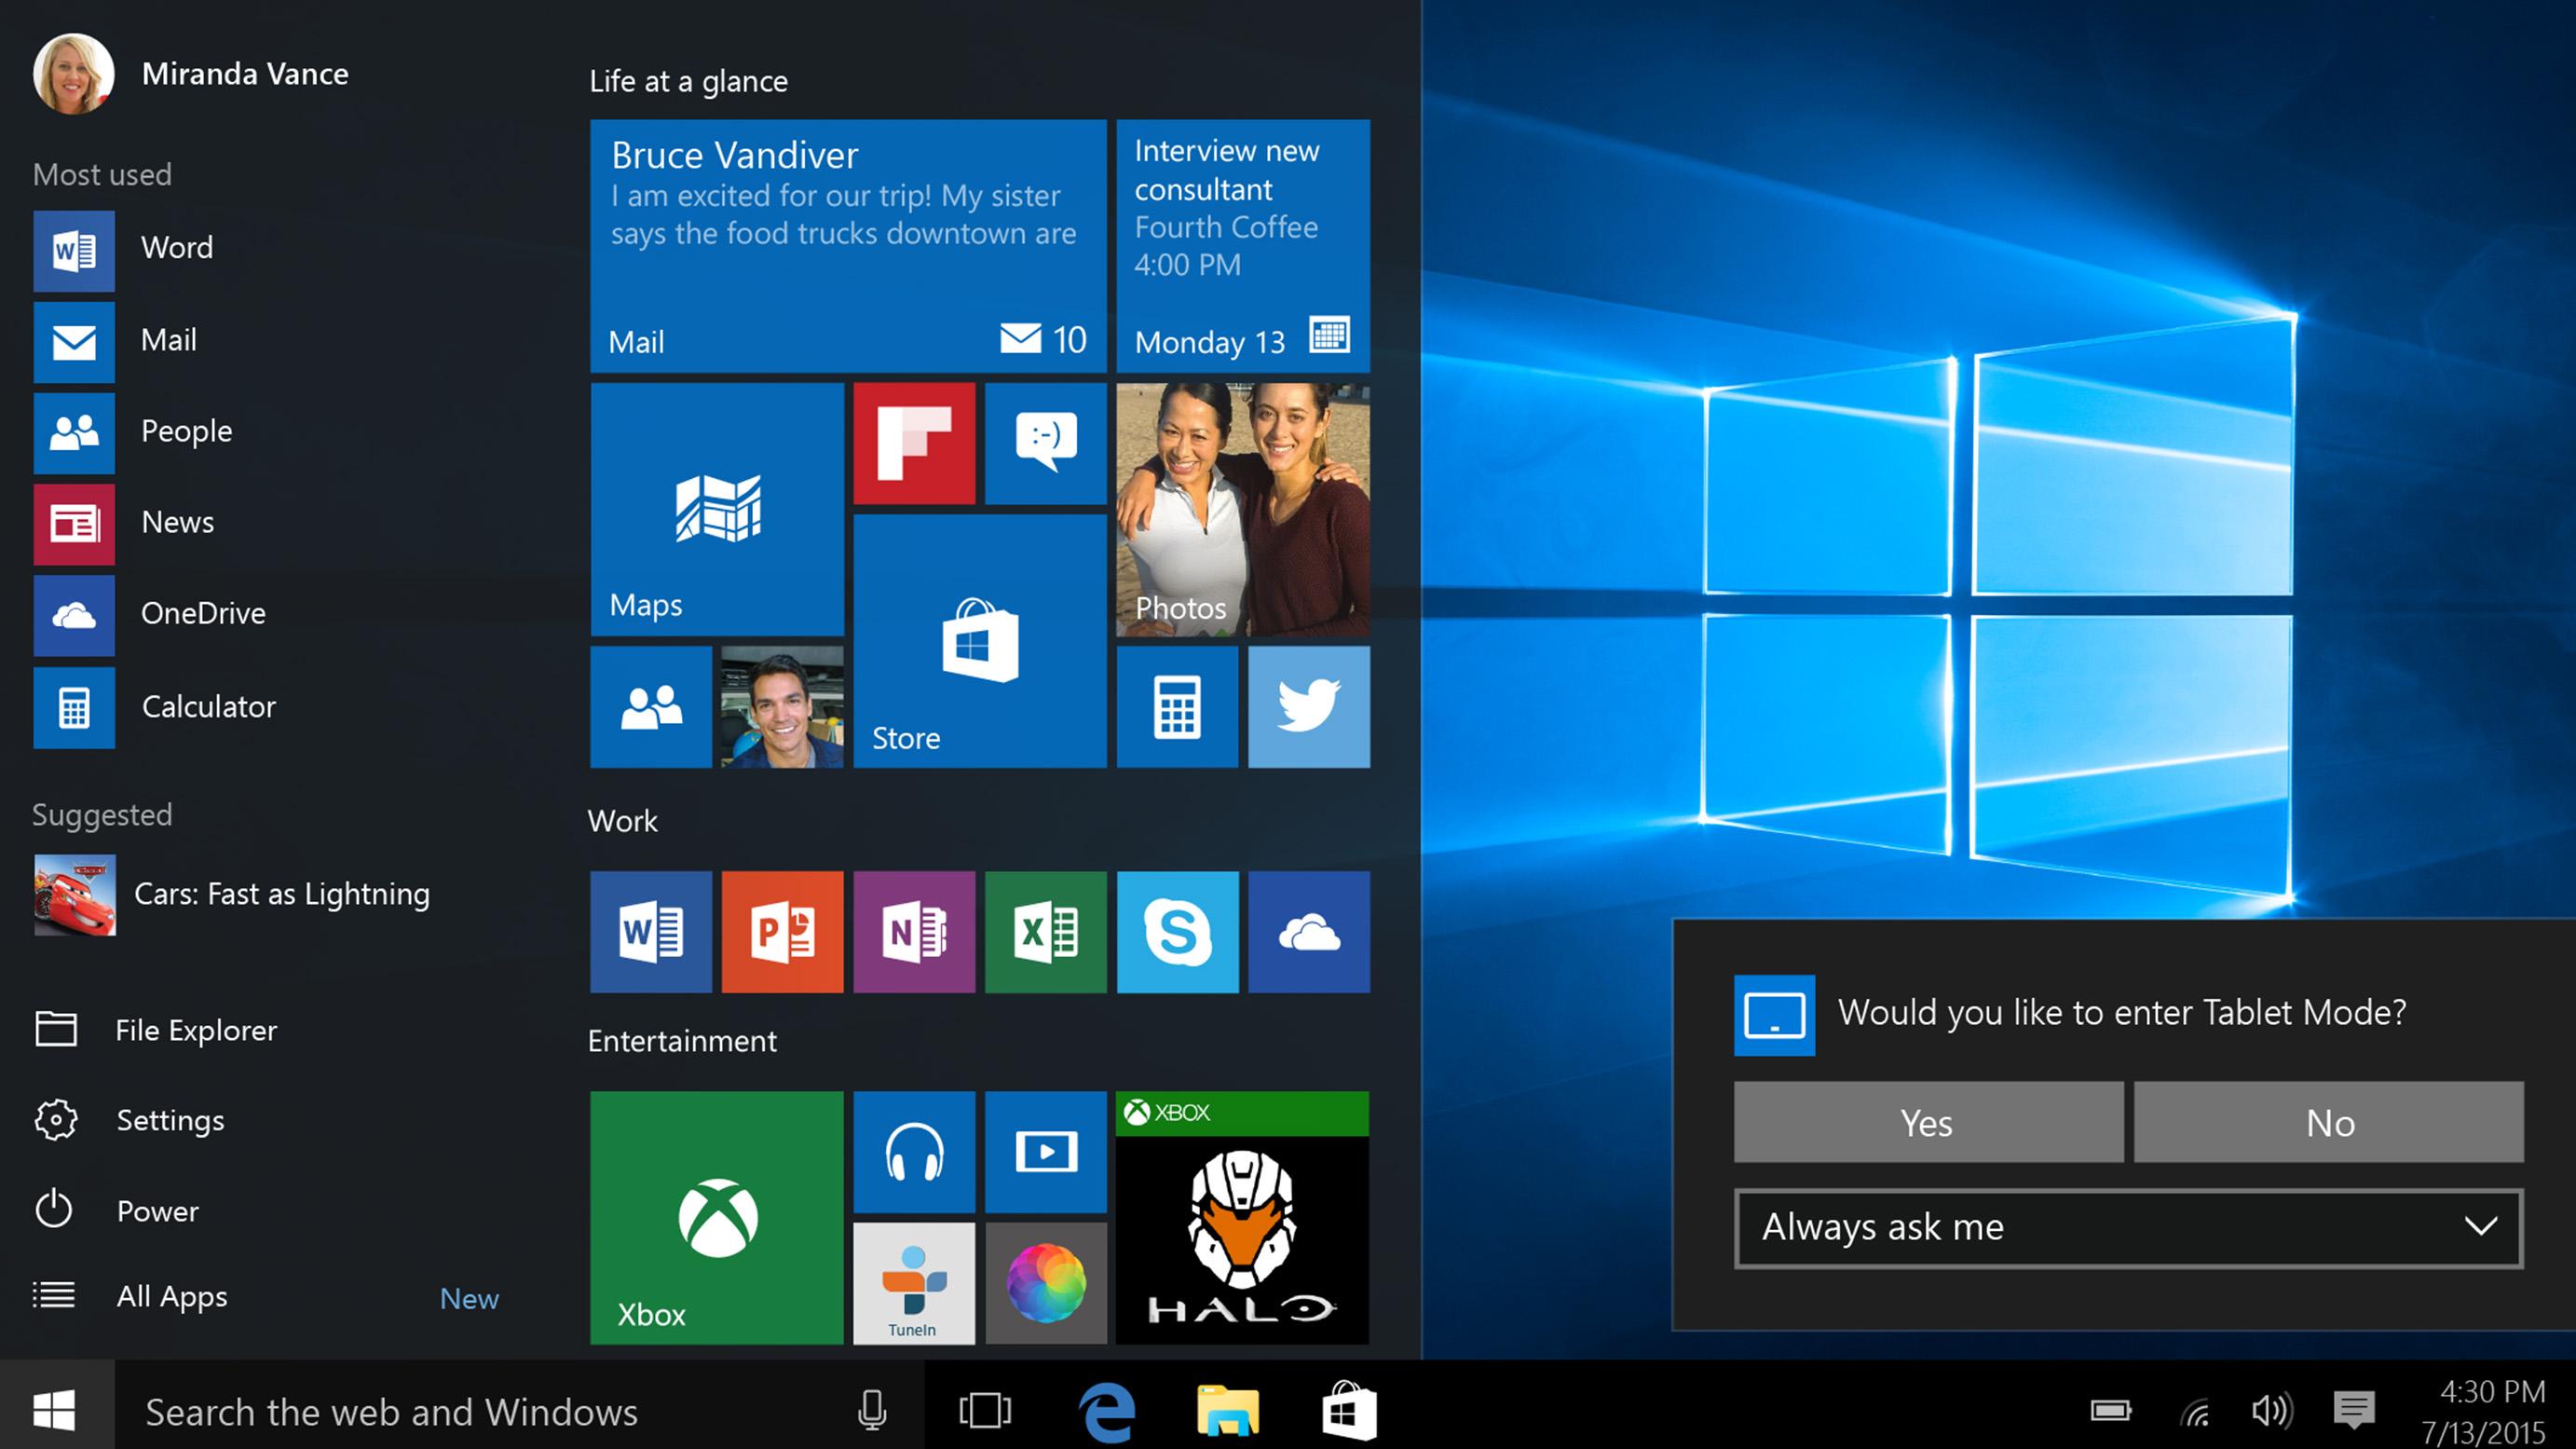 """Holandija: """"Windows 10"""" krši propise o ličnim podacima"""